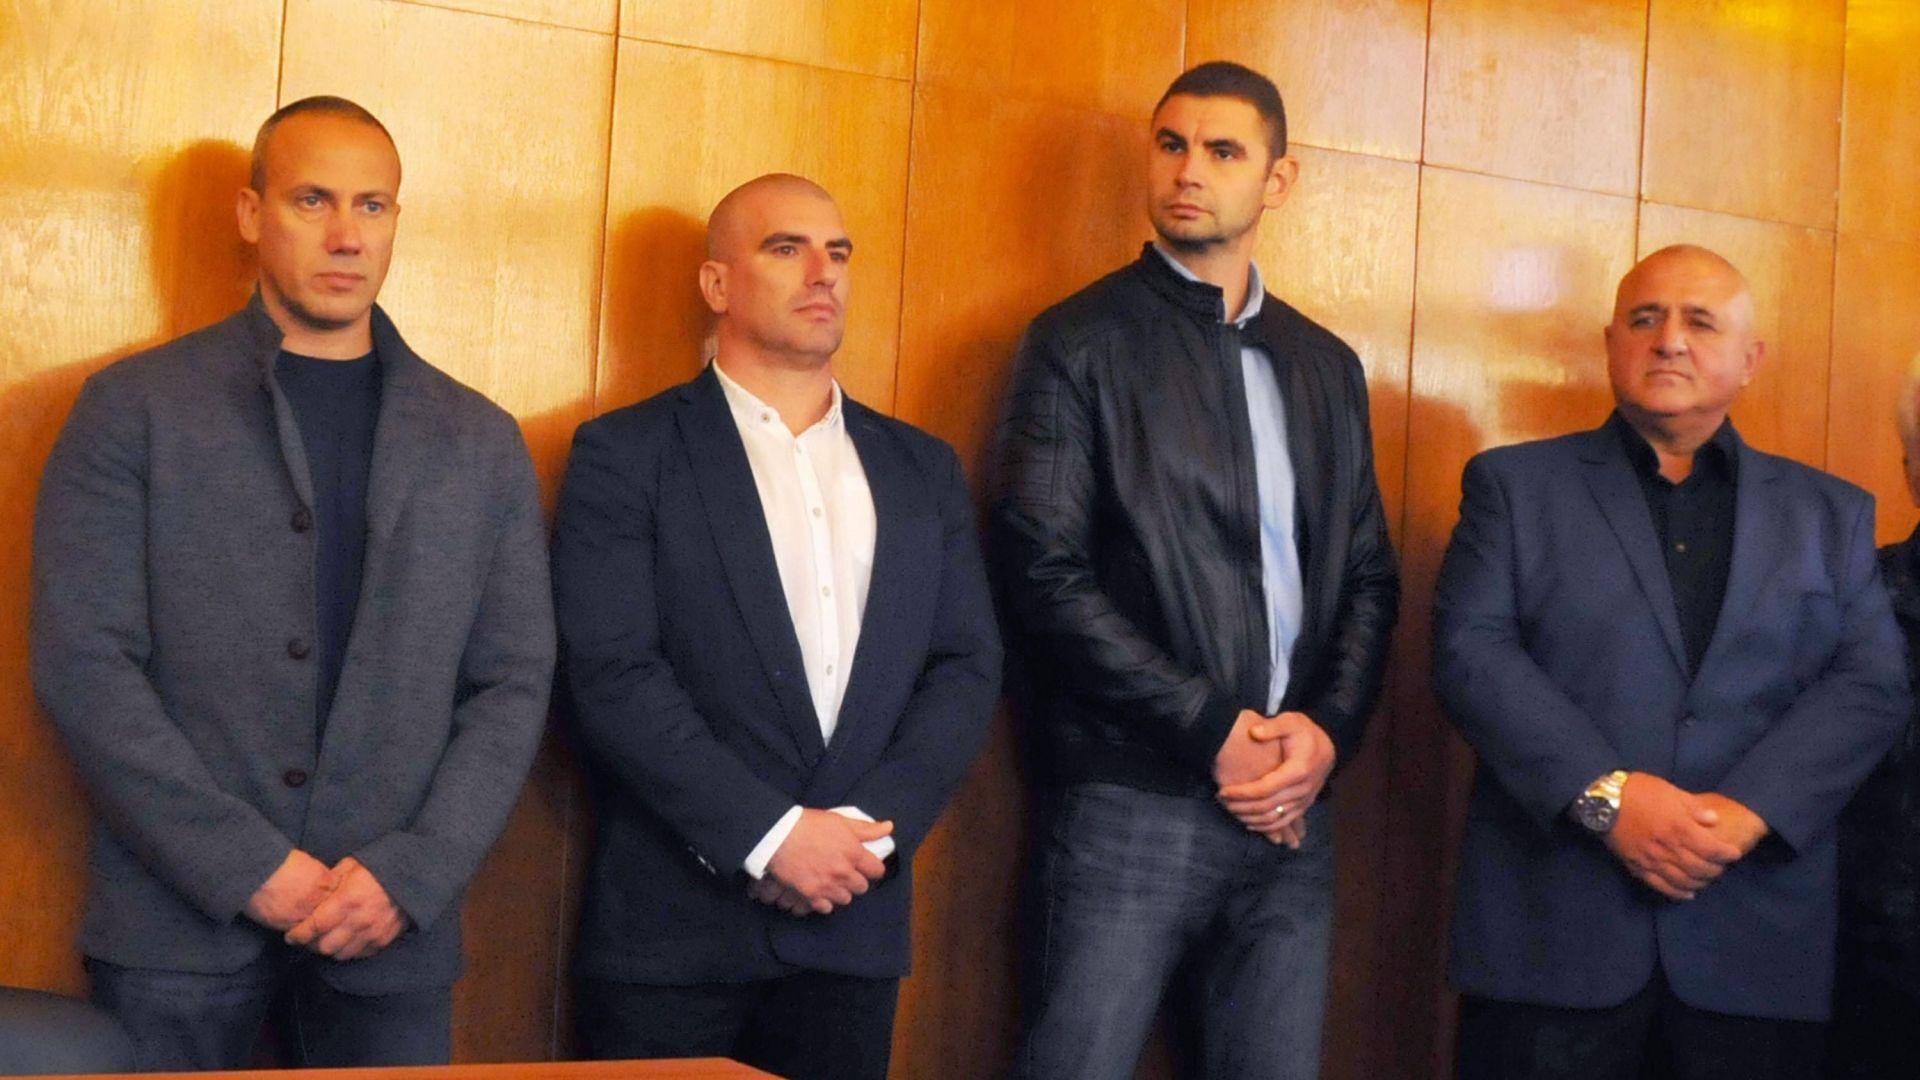 Външно иска българин да присъства на делото в Турция срещу нашите граничари